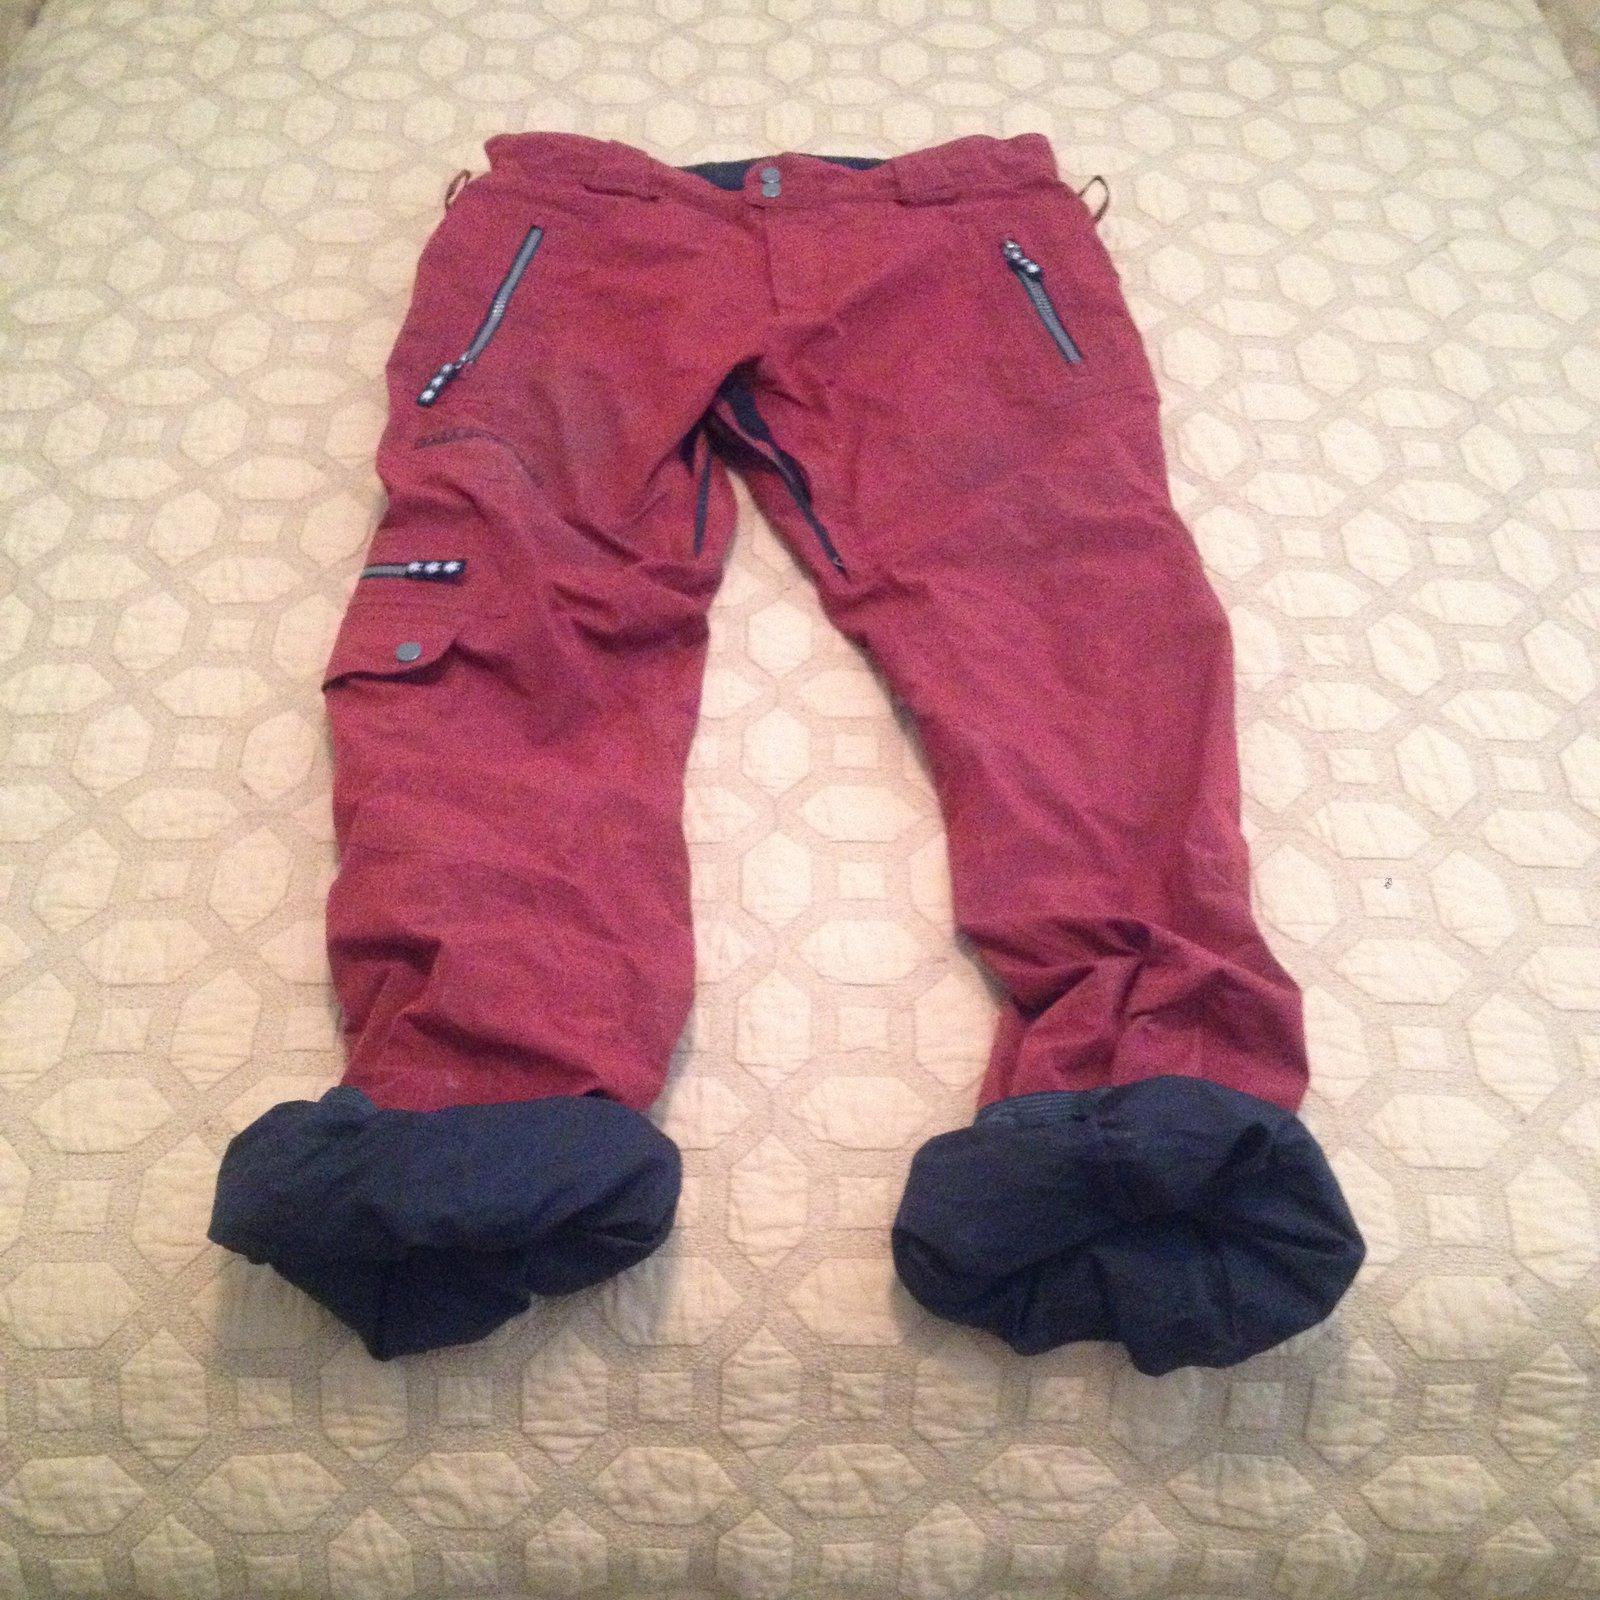 XL Fatigue pants 2